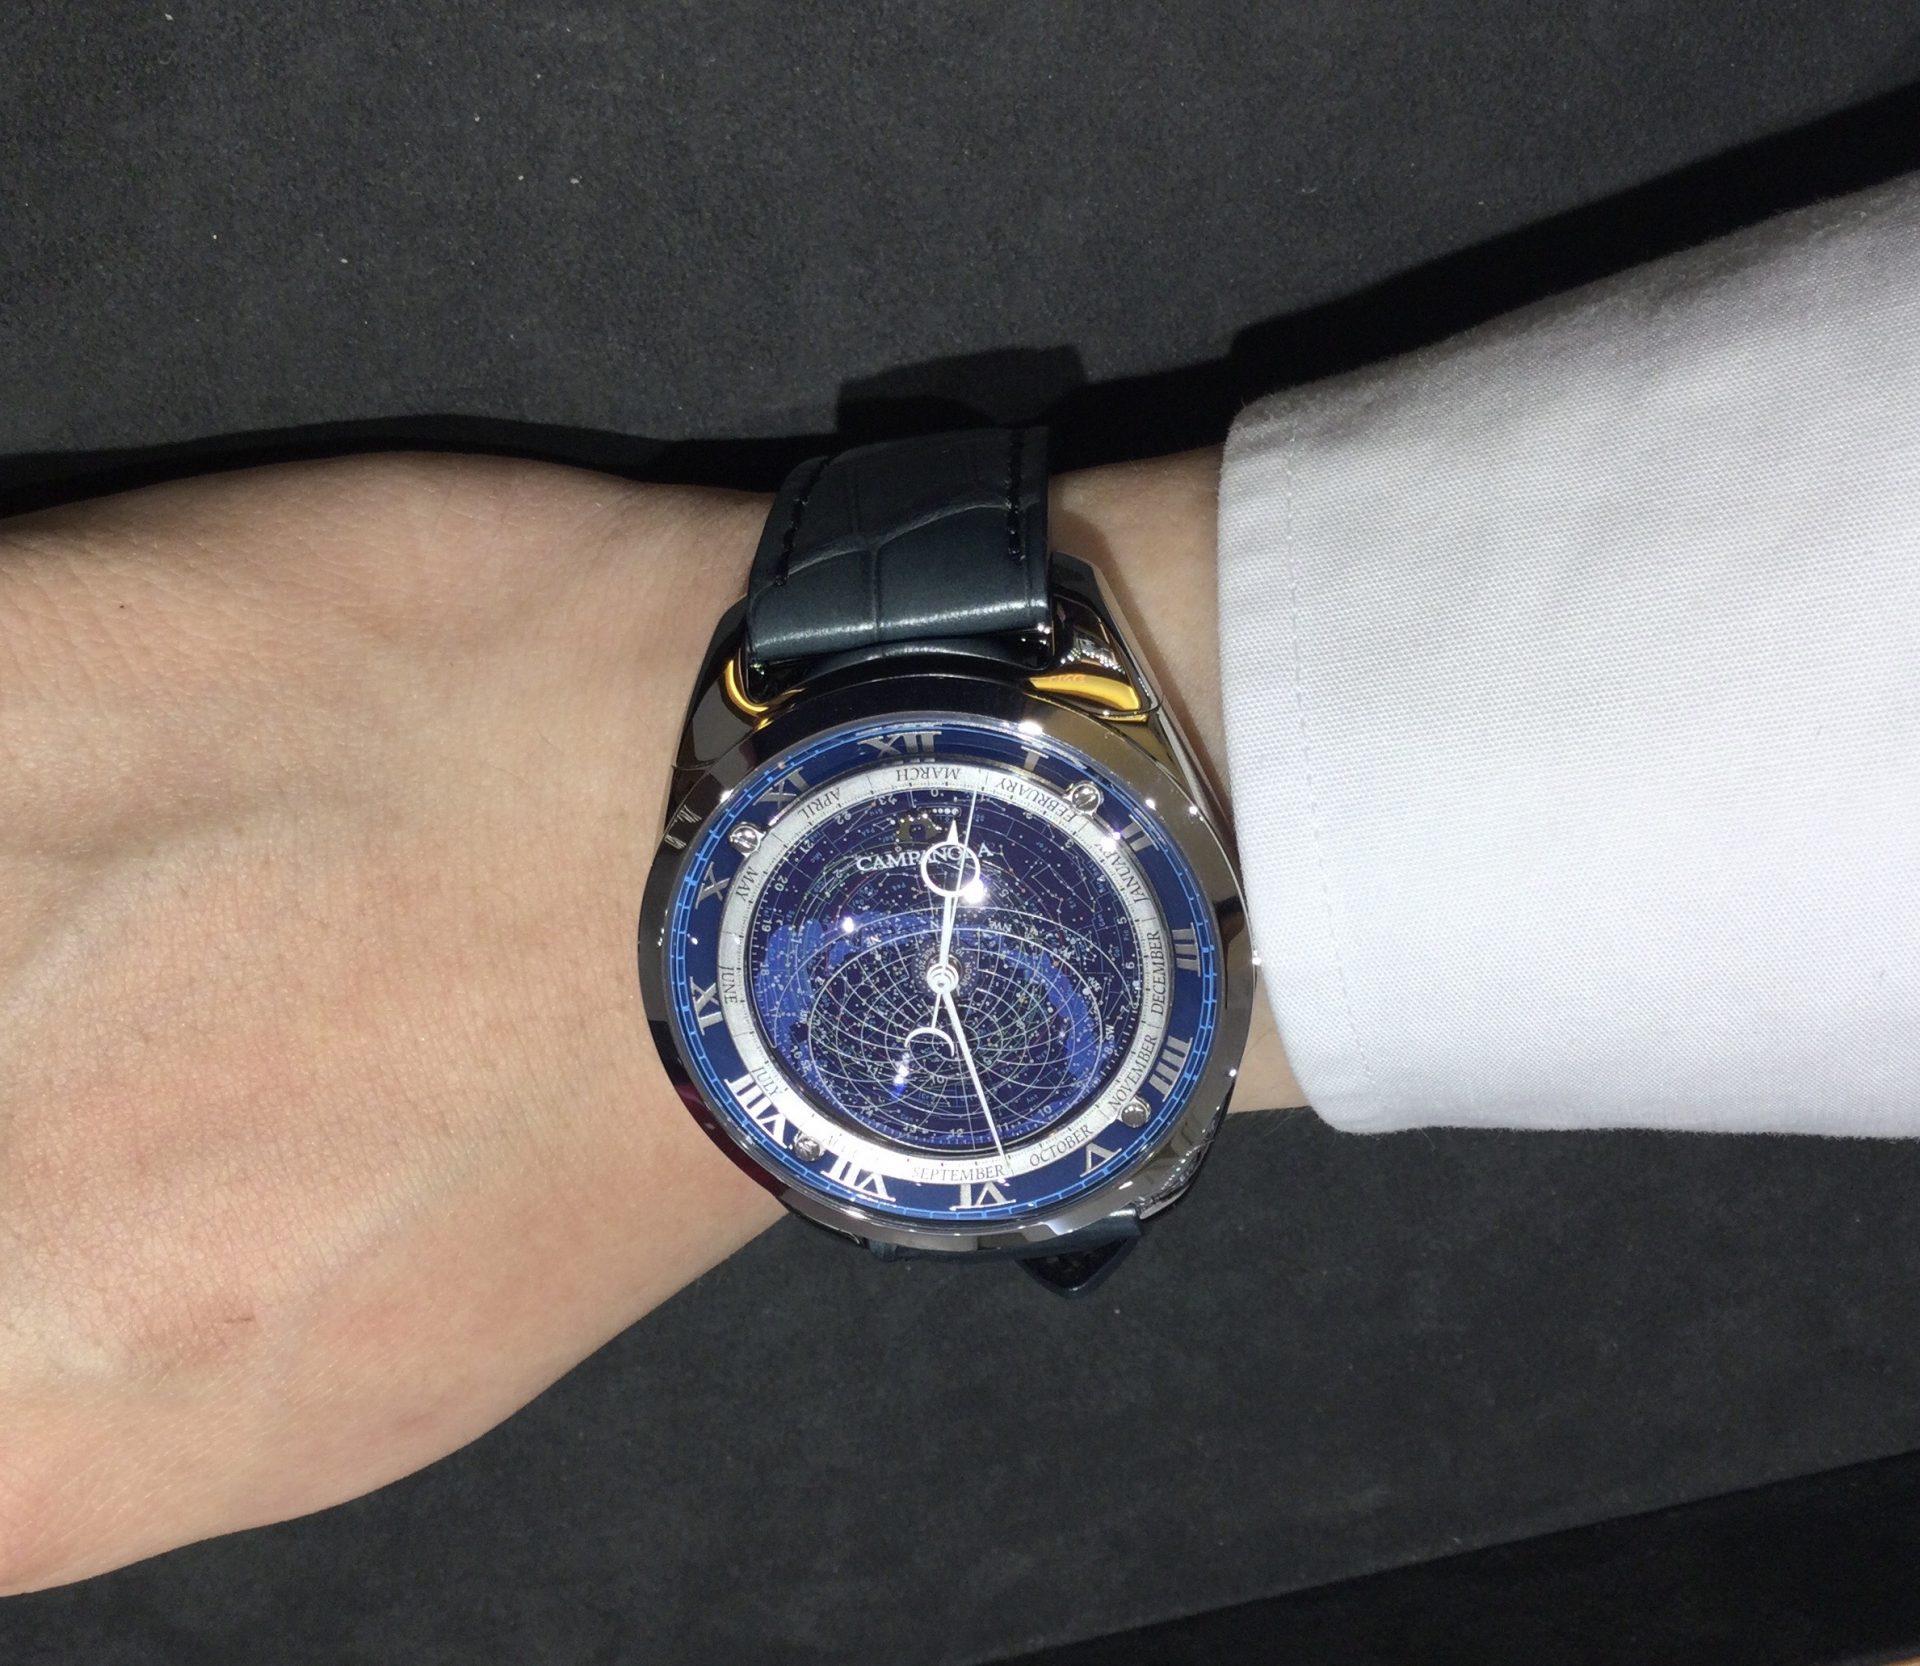 カンパノラのお時計をお買い上げ頂きまして、有難うございます!-画像1